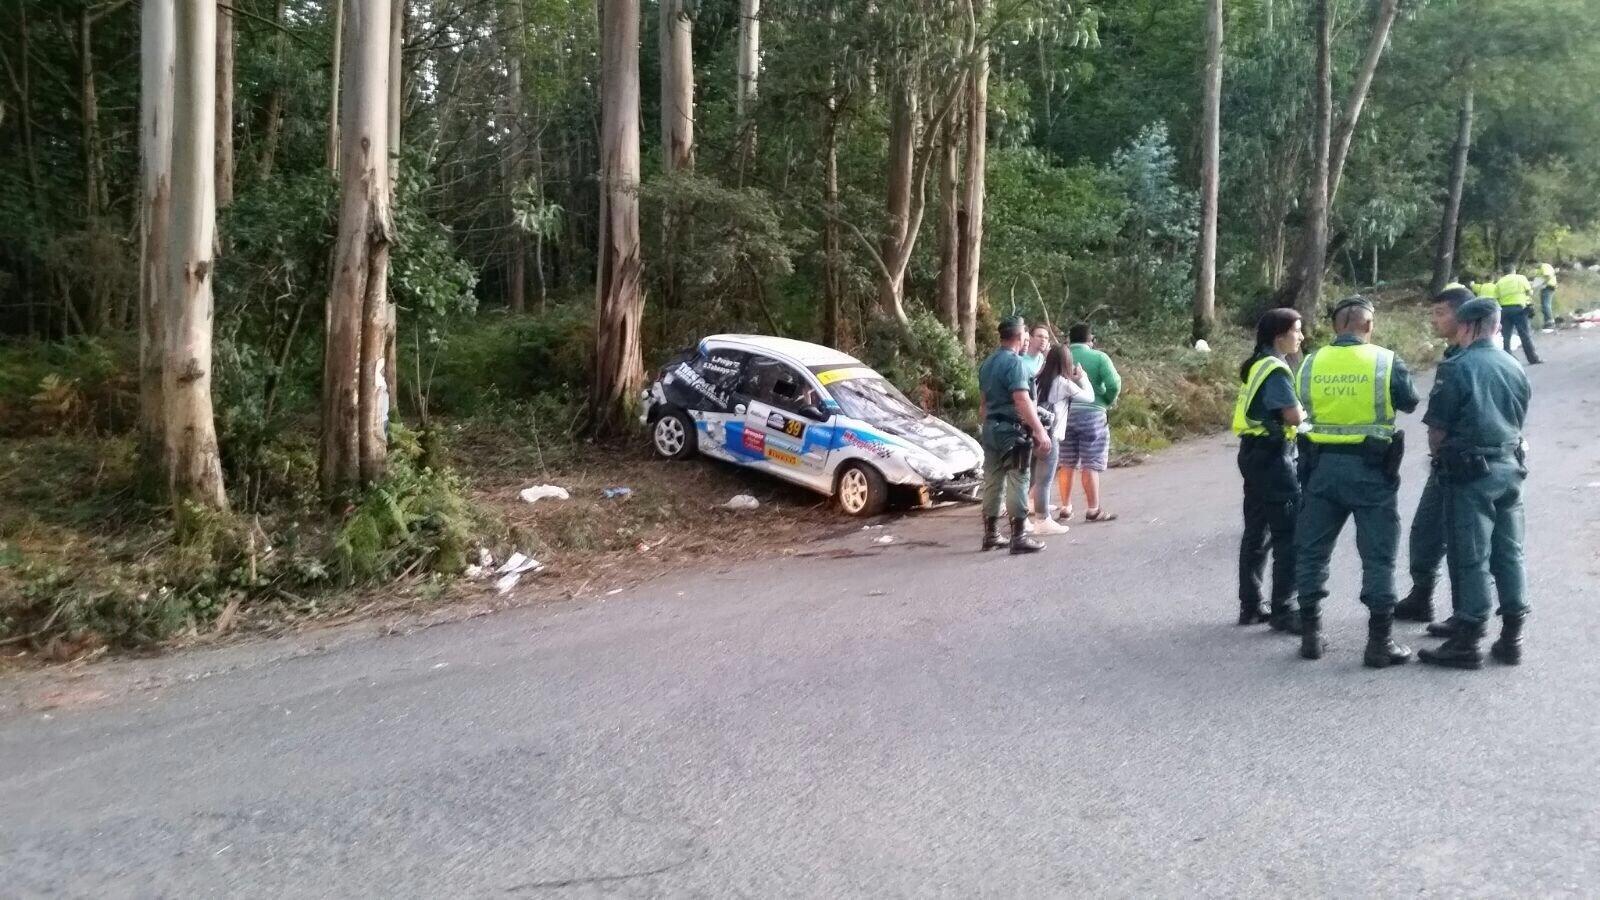 Lugar del accidente del Rally de A Coruña en el que fallecieron siete personas | ©Cadena Ser